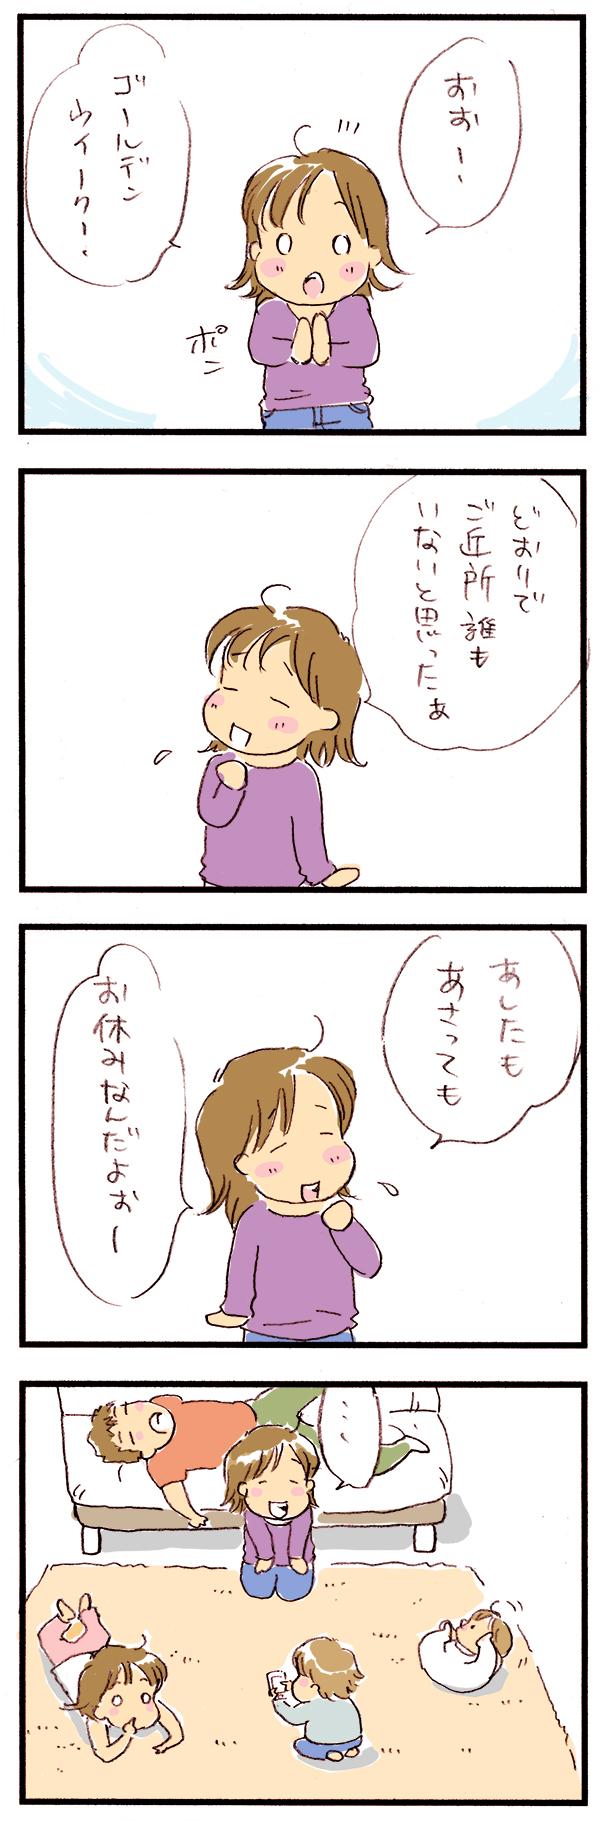 ゴールデンウィーク限定連載漫画「うらららら!」第1回